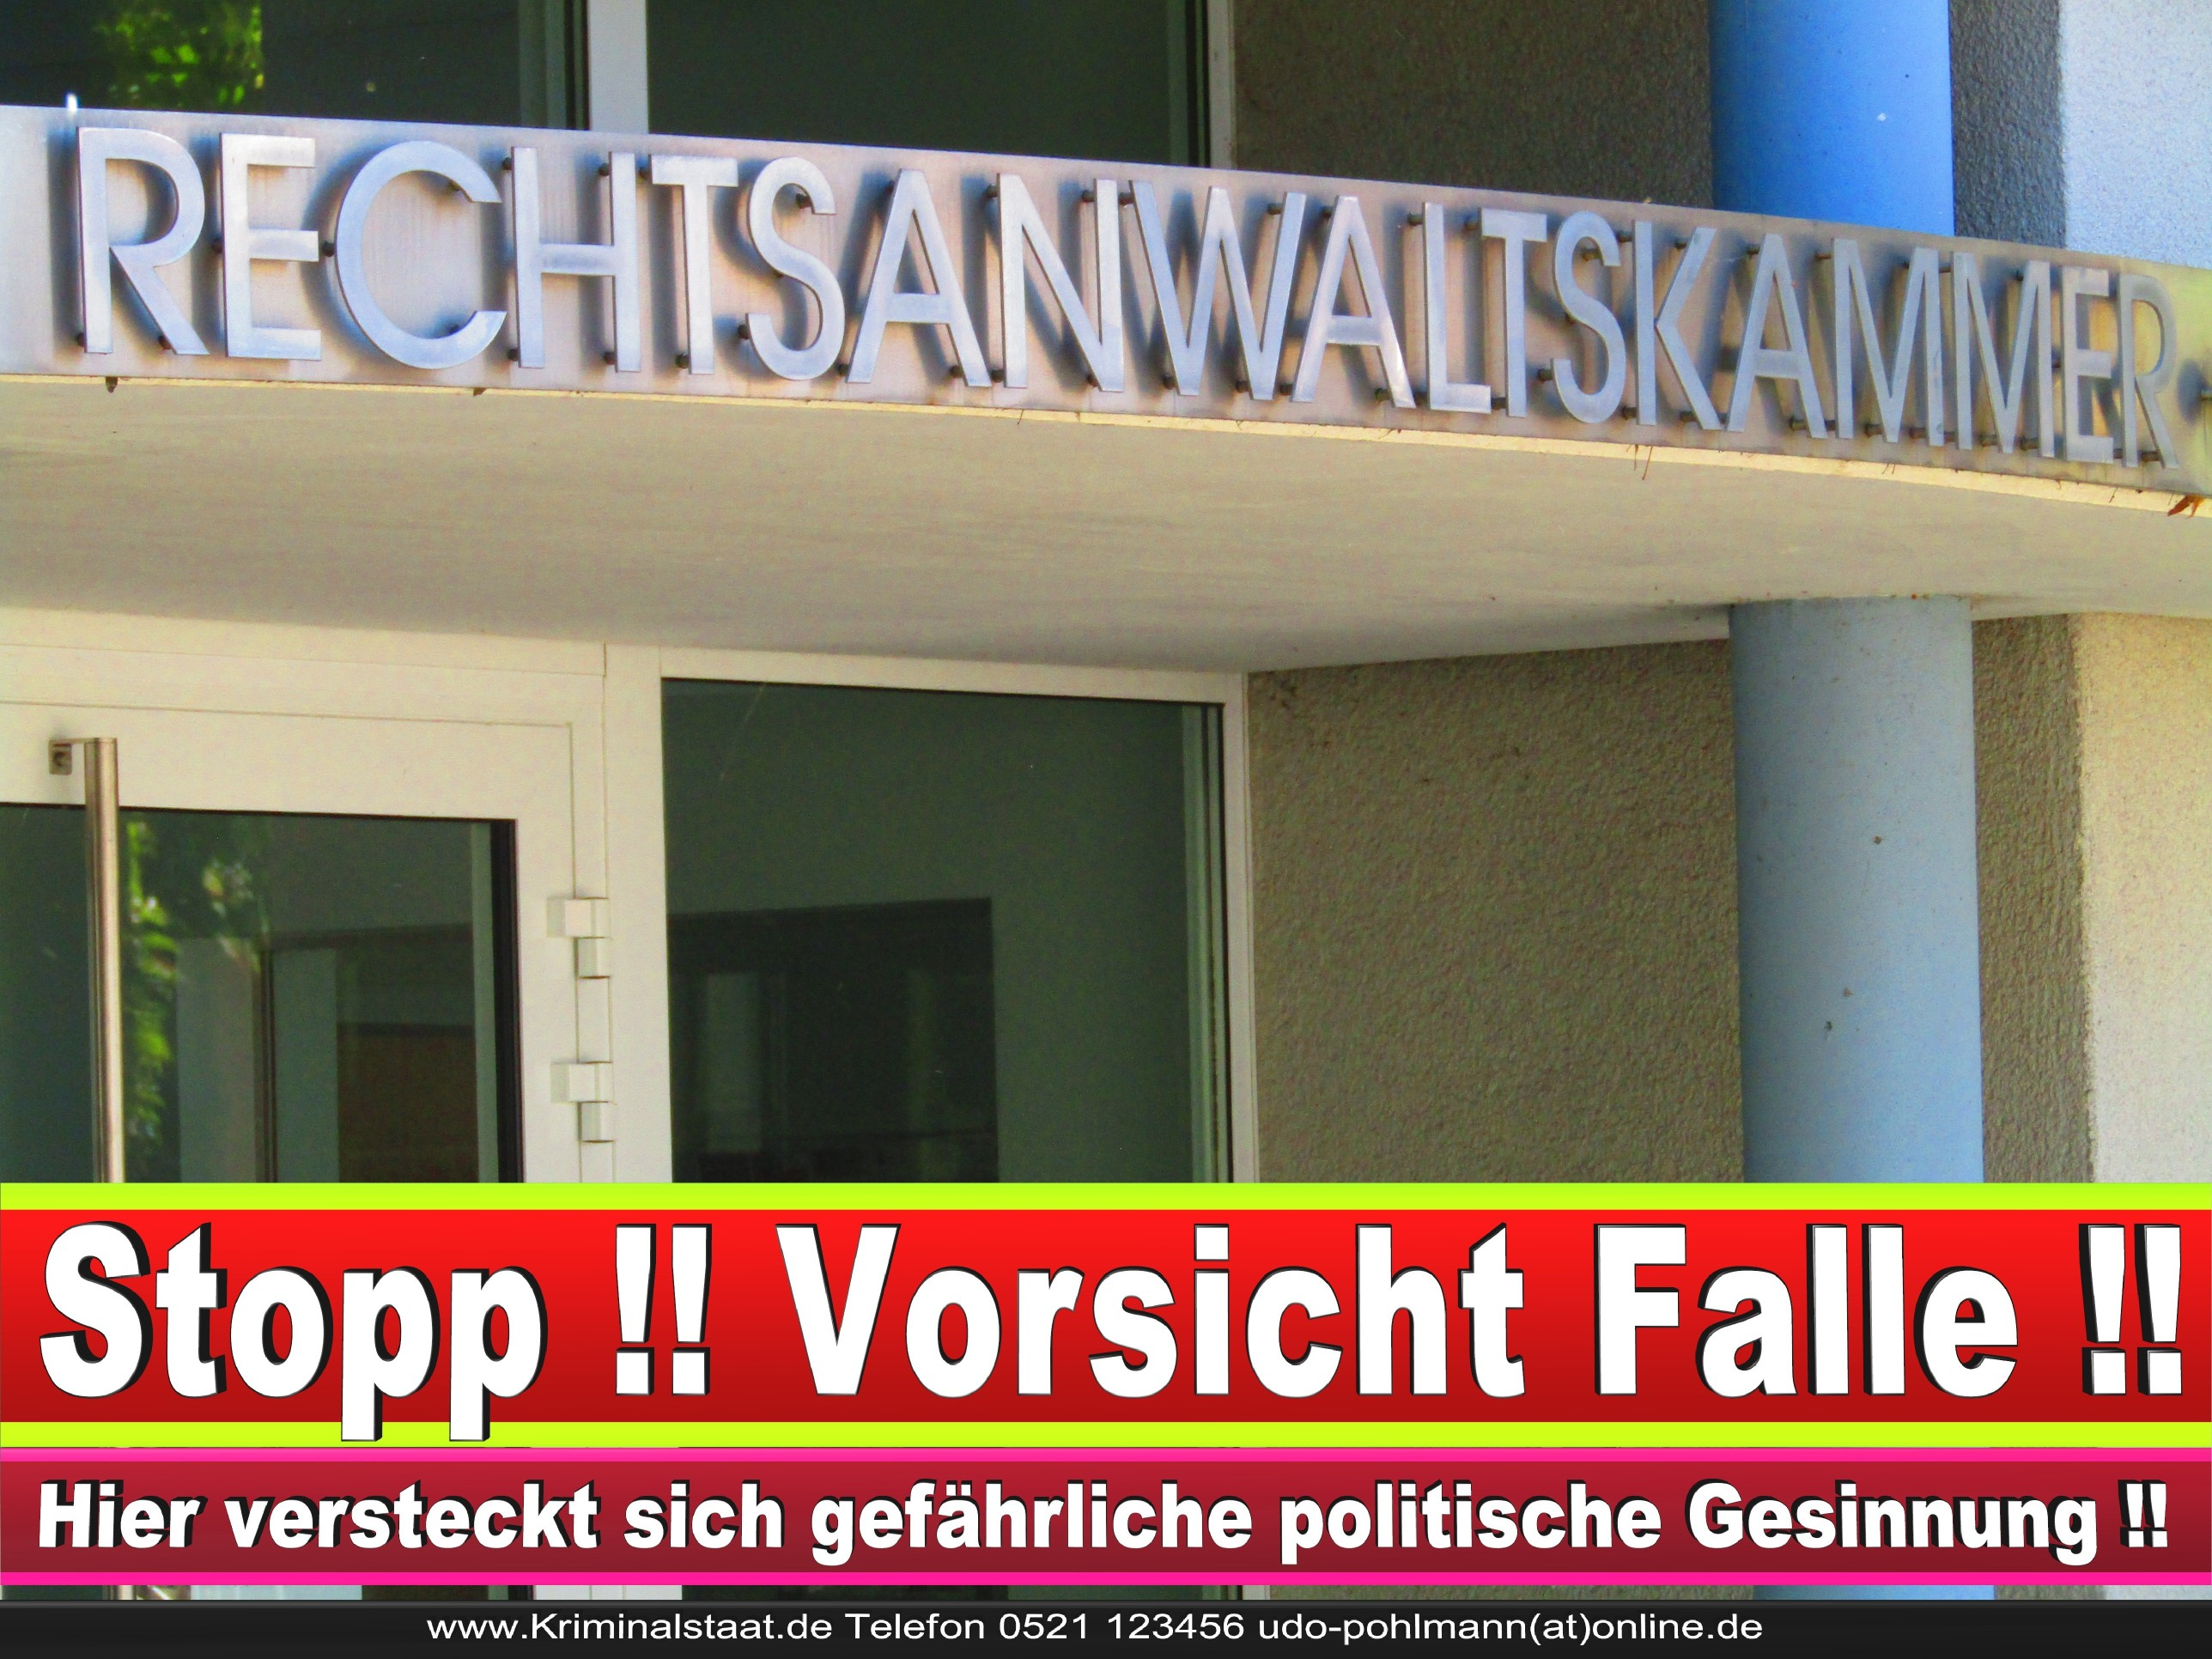 Rechtsanwaltskammer Hamm NRW Justizminister Rechtsanwalt Notar Vermögensverfall Urteil Rechtsprechung CDU SPD FDP Berufsordnung Rechtsanwälte Rechtsprechung (16) 1